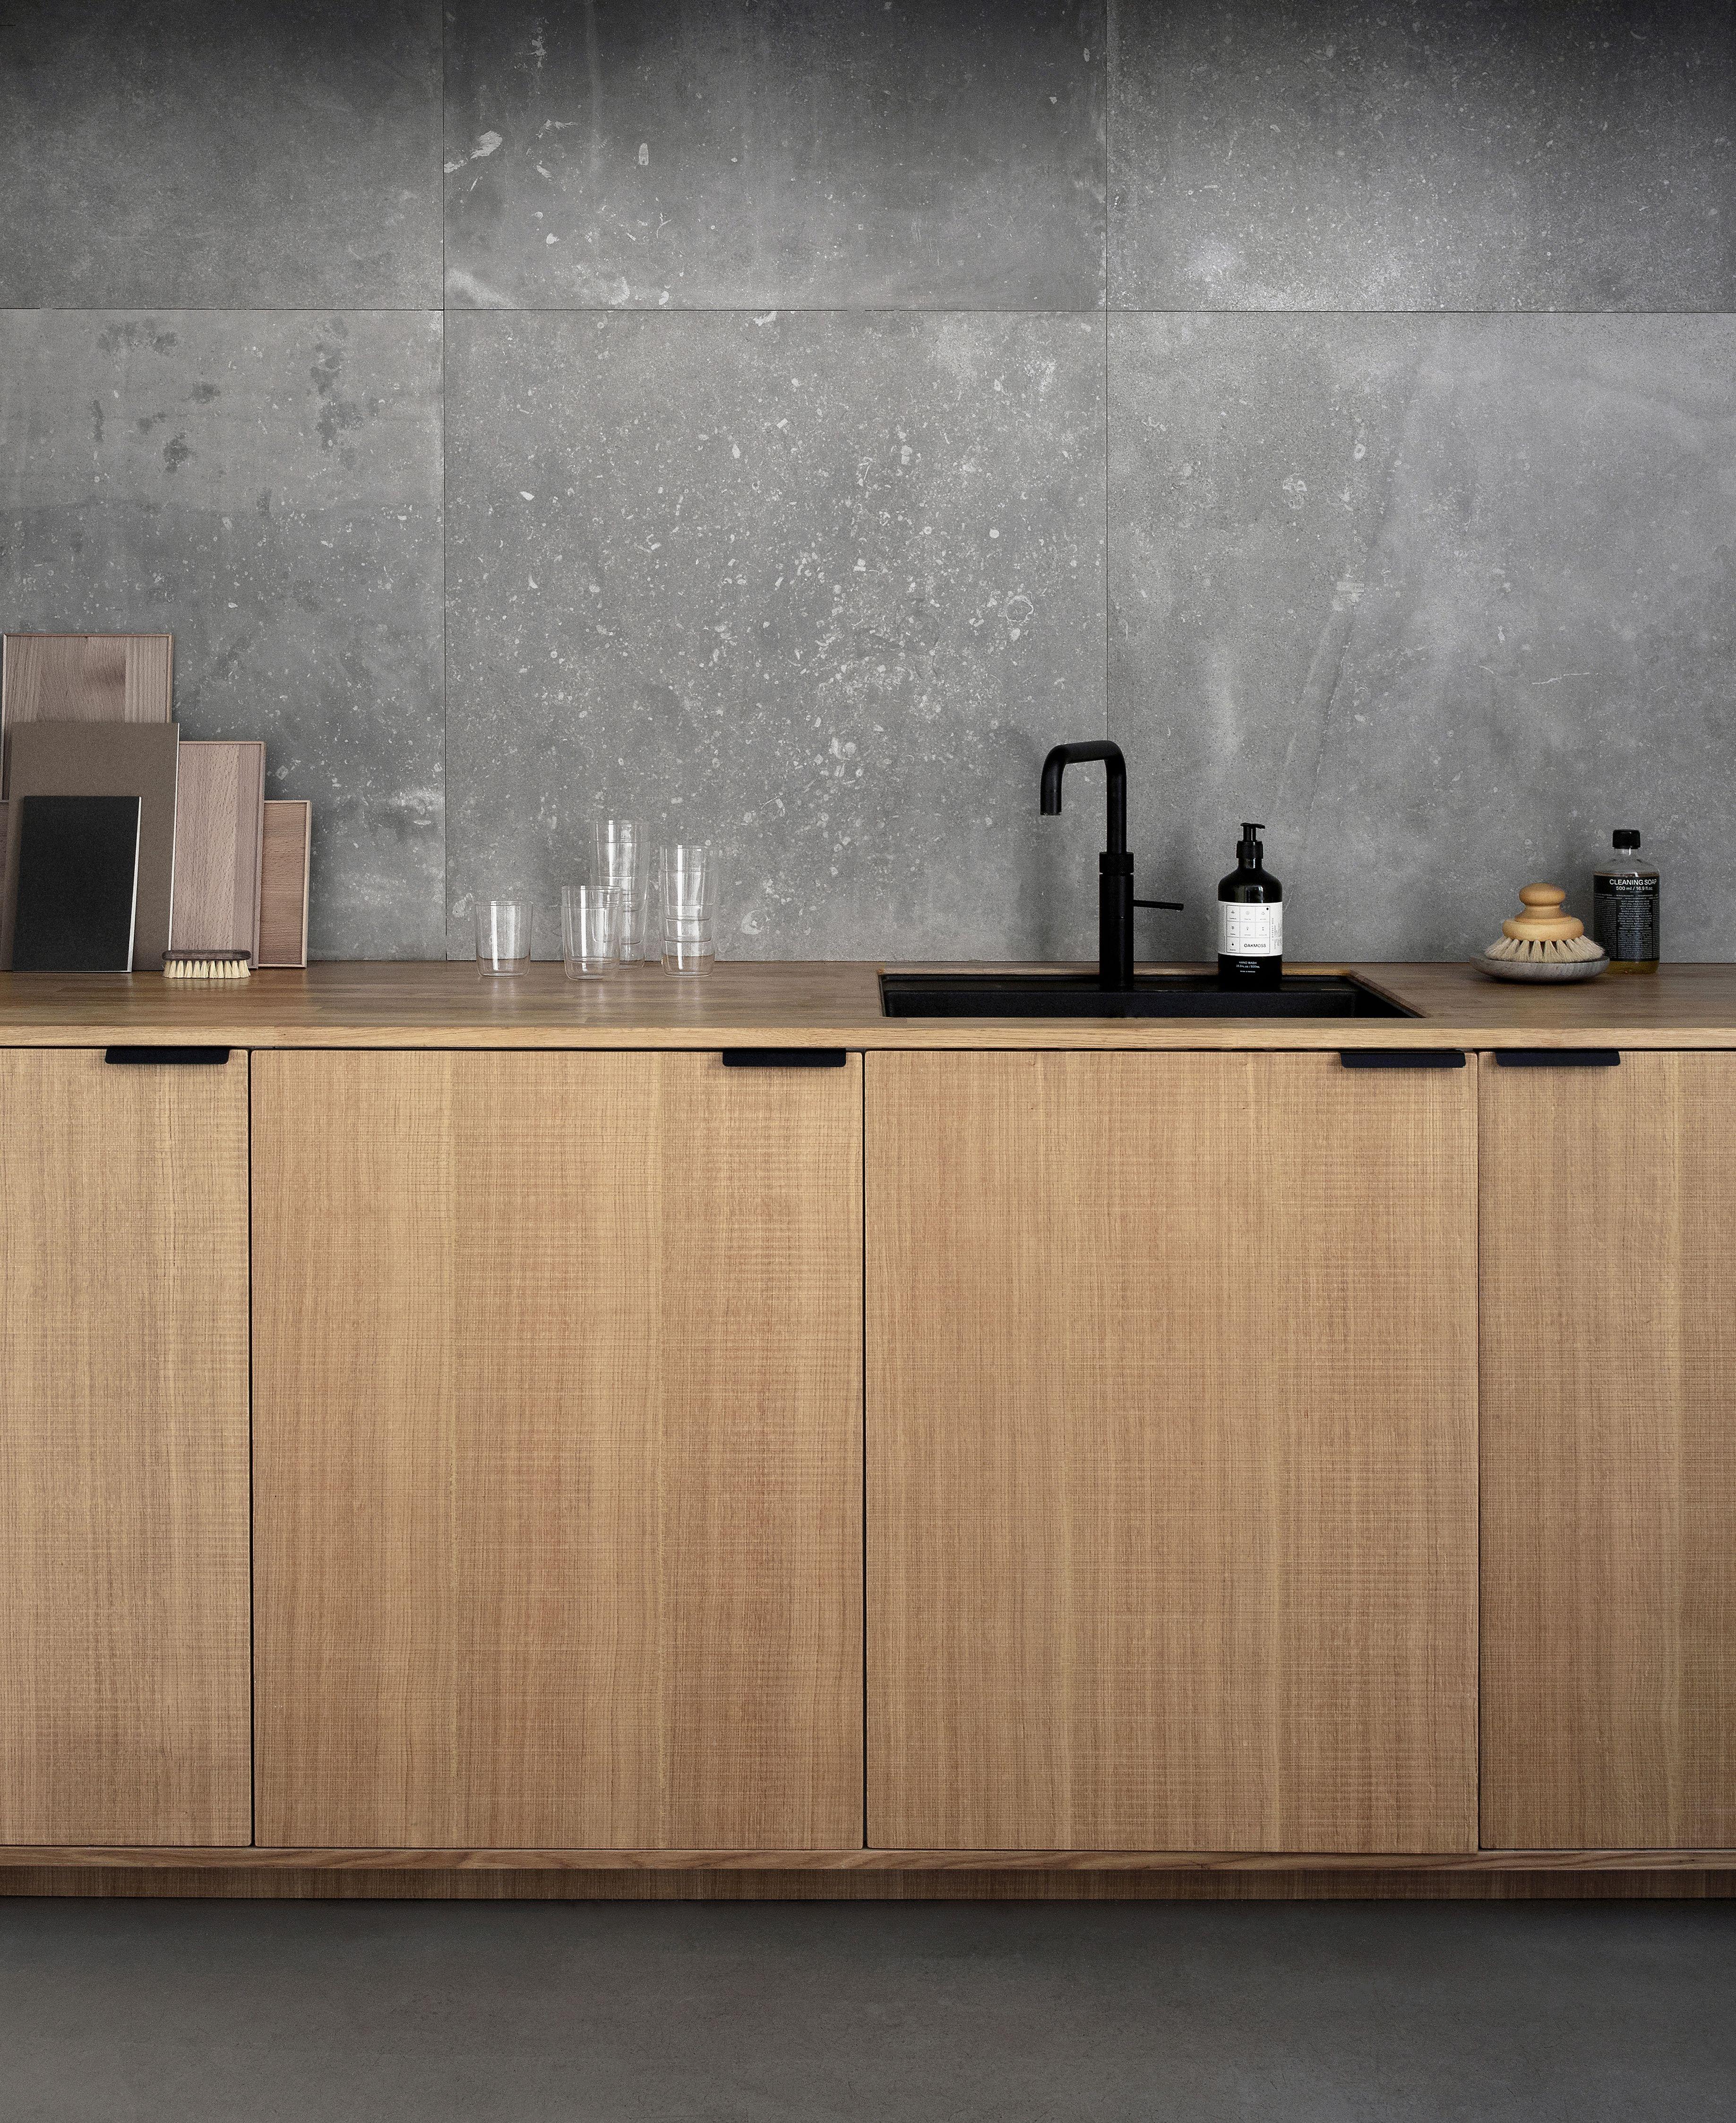 Reform - traumhafte Designerküchen zu erschwinglichen Preisen - traumzuhause #minimalkitchen